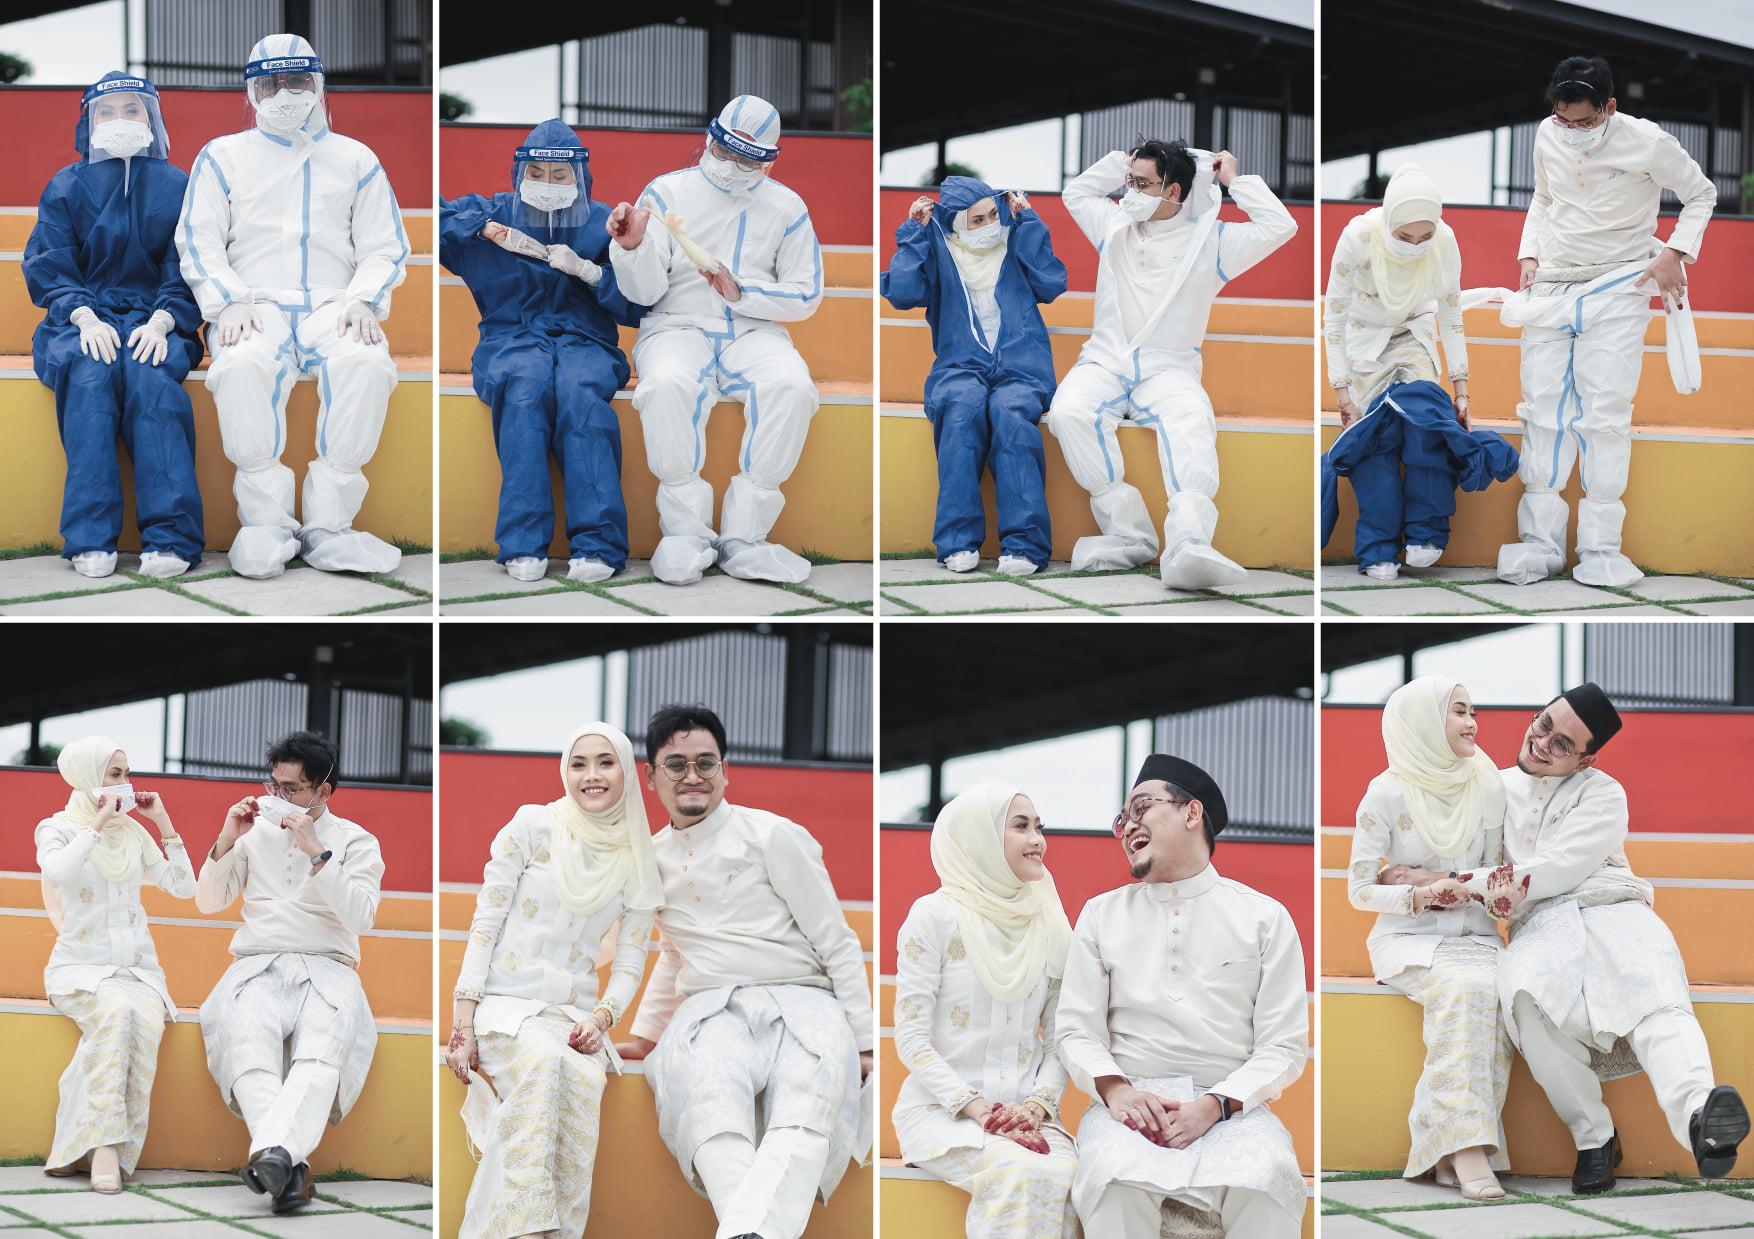 Ảnh cưới gây chú ý của y tá Azwa và vợ. Ảnh: Azwa Nizar.